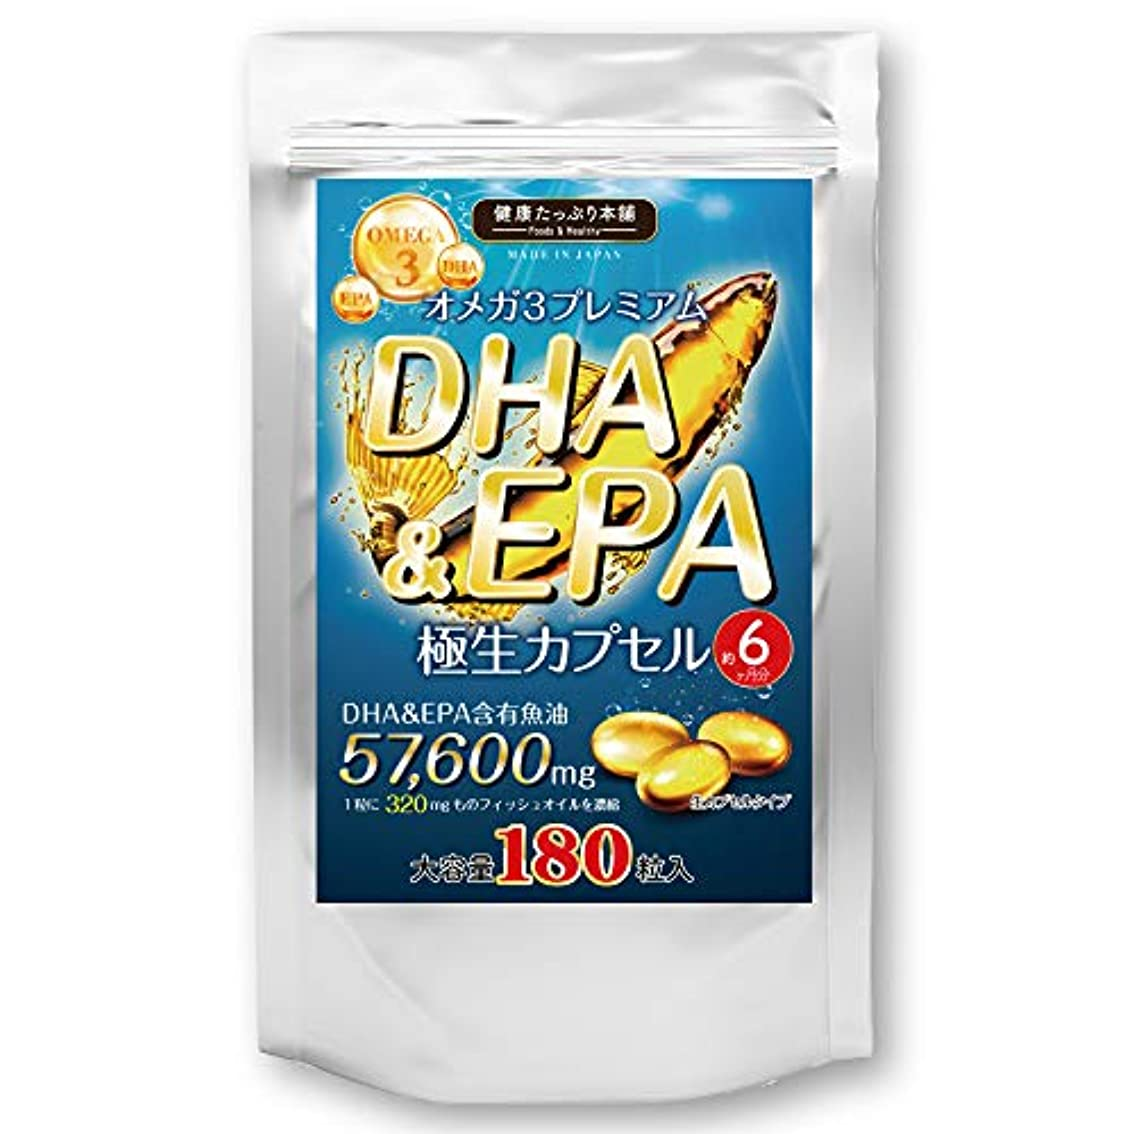 舞い上がるインディカ分割オメガ3プレミアム DHA&EPA 極生ソフトカプセル 大容量約6ヶ月分/180粒(DHA含有魚油?EPA含有魚油)